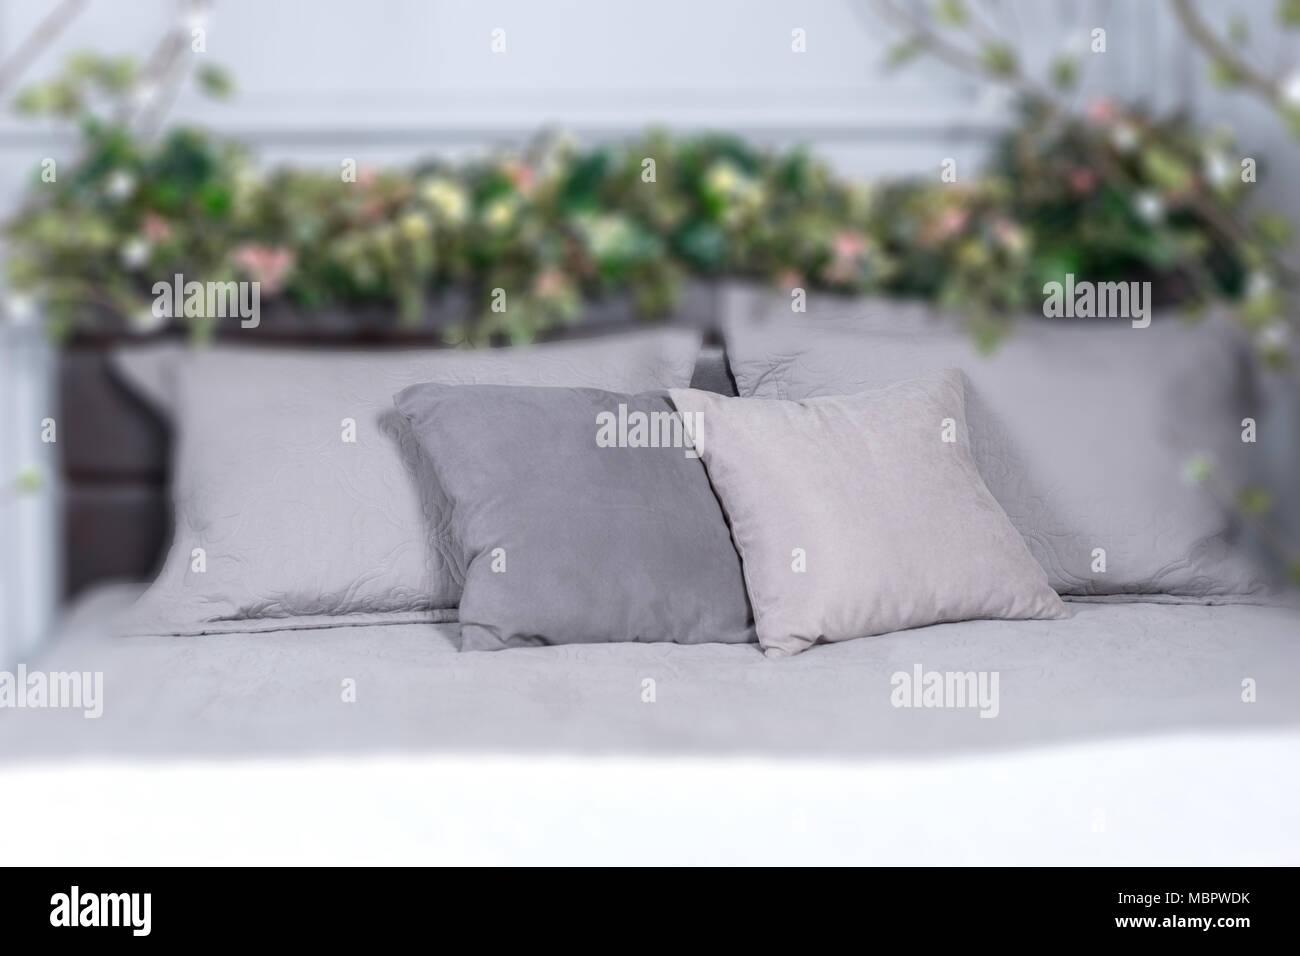 Fokus Auf Grau Kissen Gemütliches Bett Mit Blumen Auf Dem Bett Und